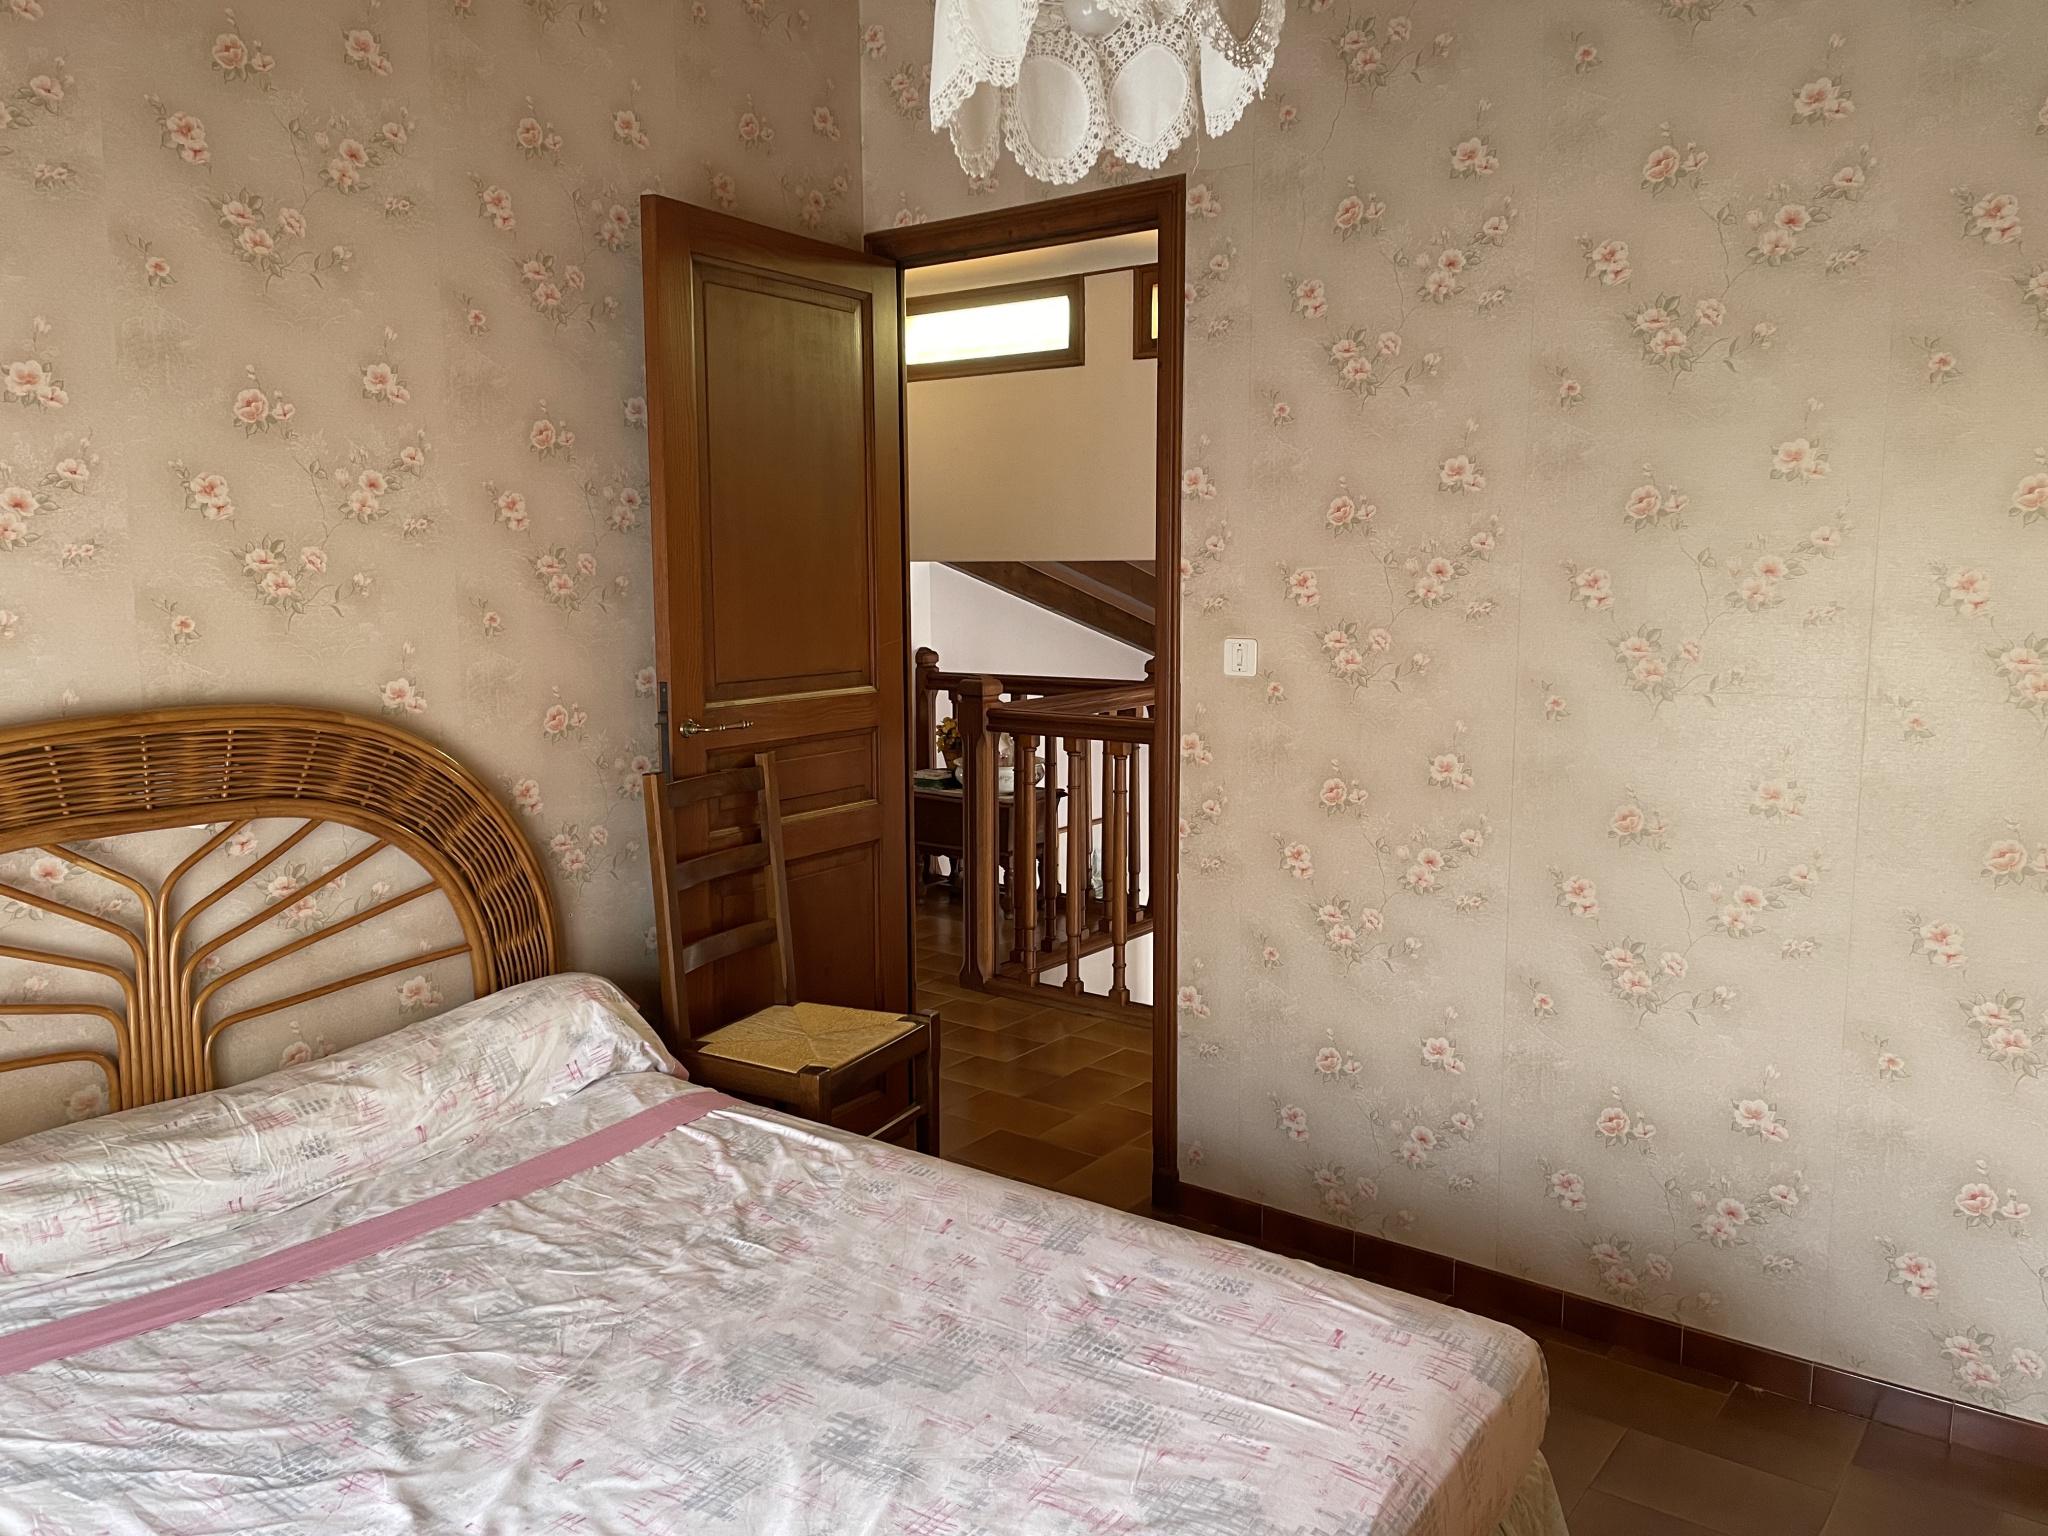 À vendre maison/villa de 170m2 à sorede (66690) - Photo 22'